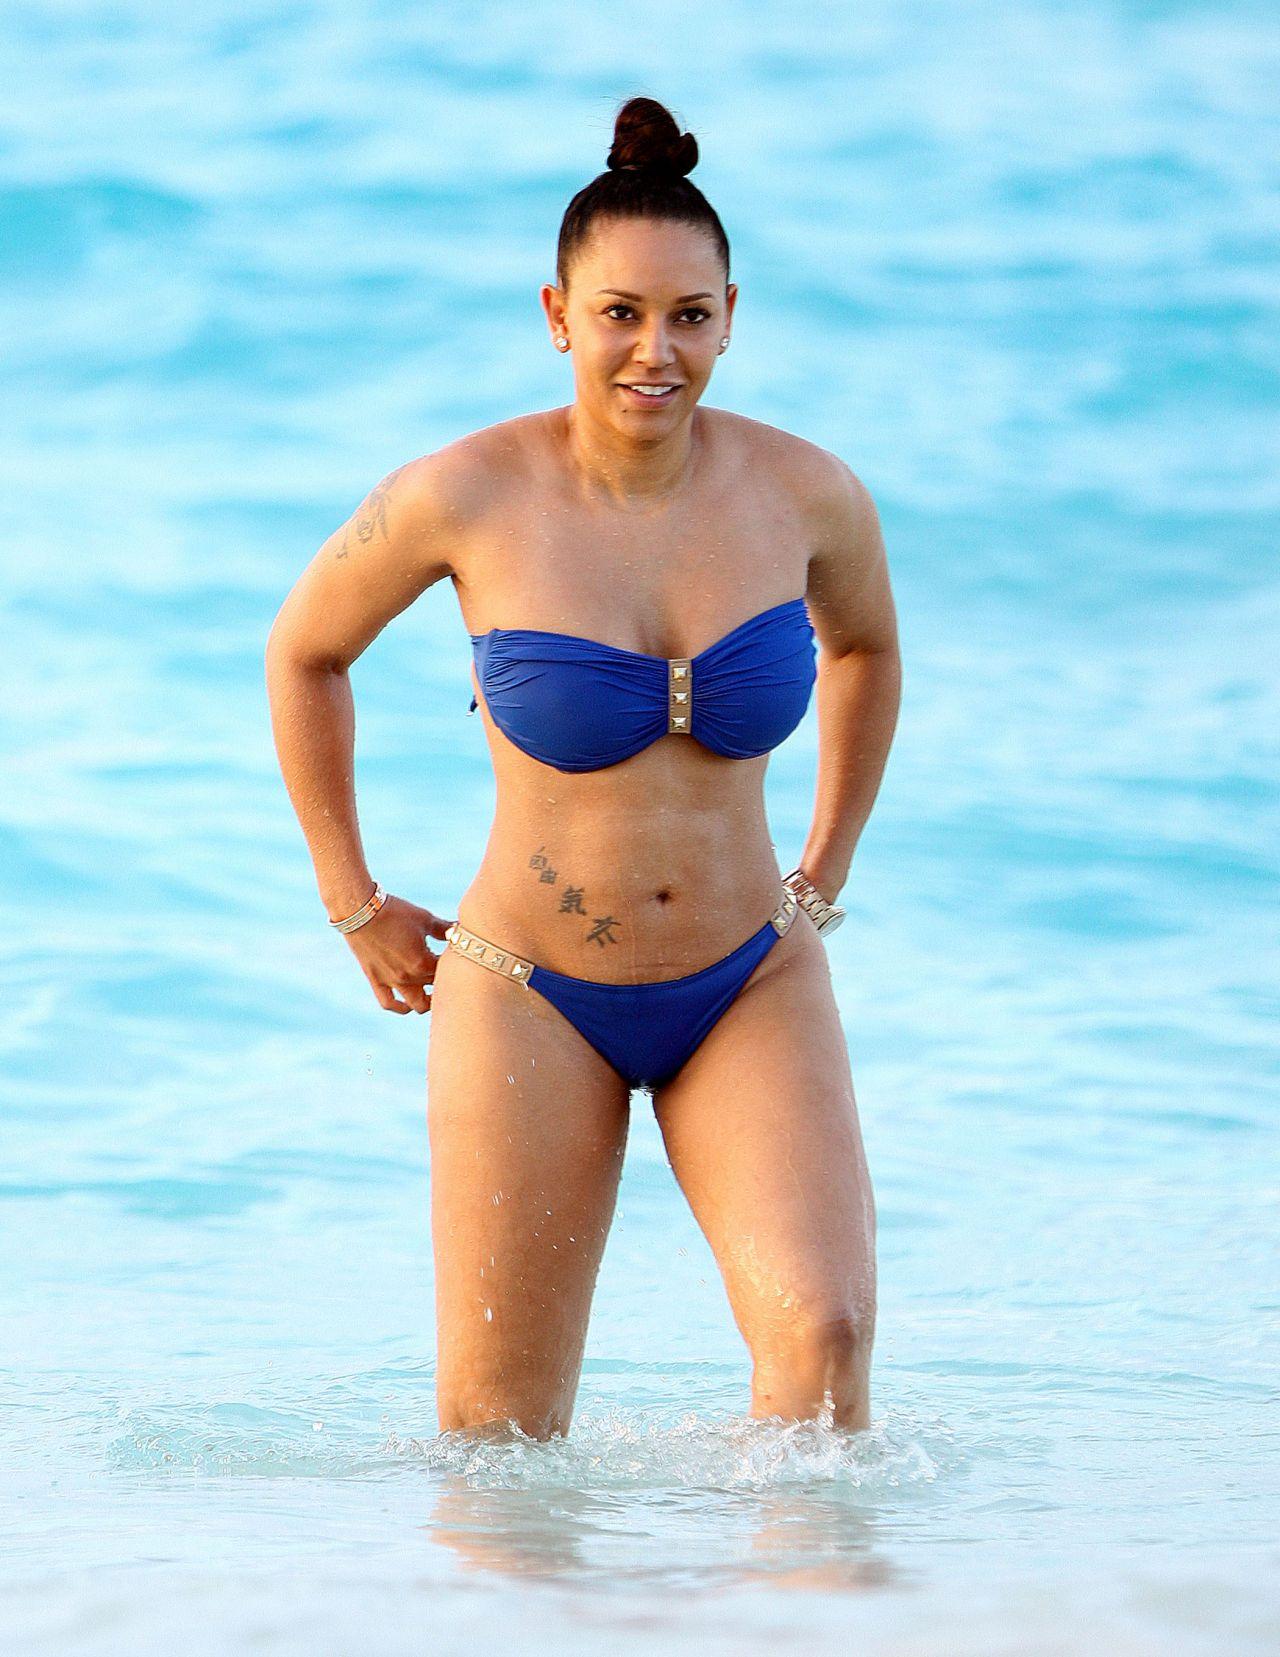 Melanie Brown Bikini Pics - Beach in Turks & Caicos ...